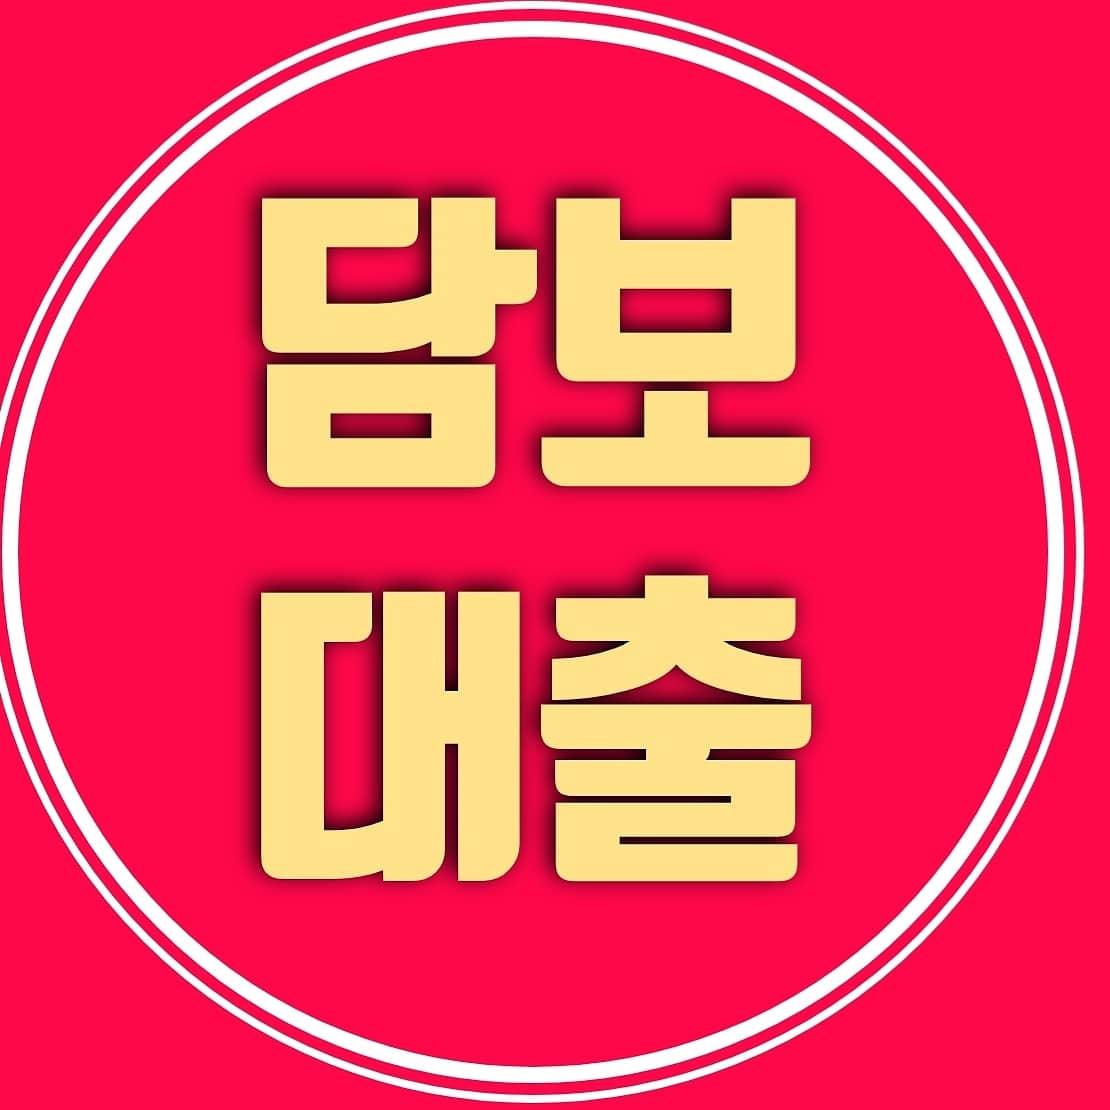 gold**** 님의 프로필